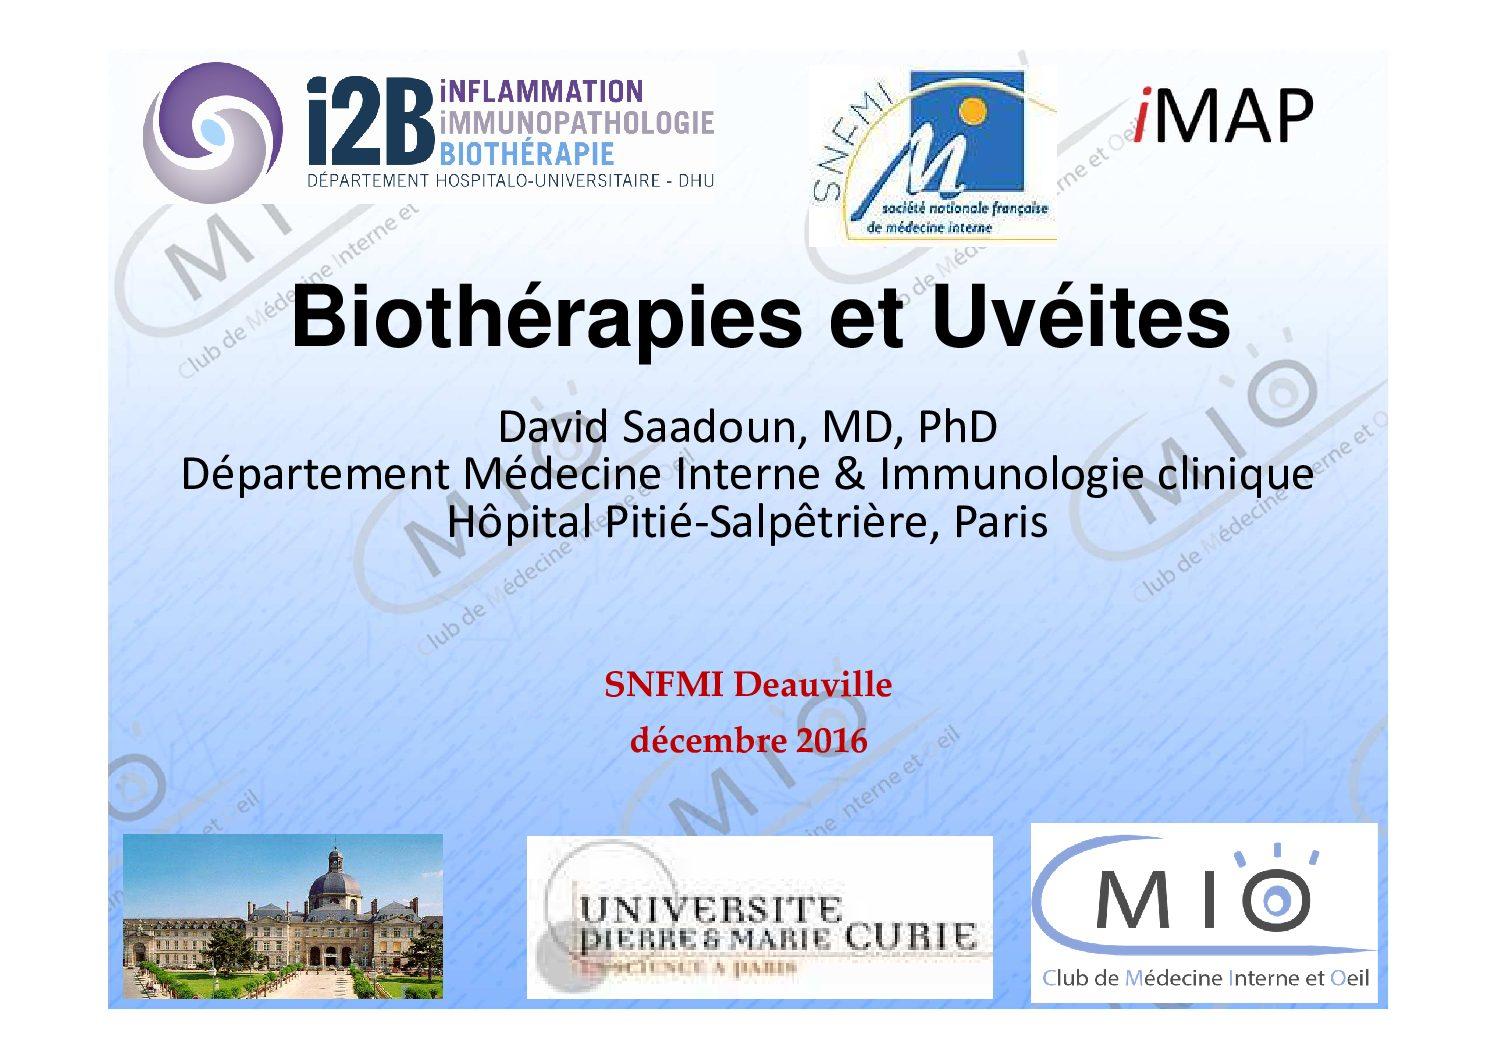 Biothérapies et uvéites